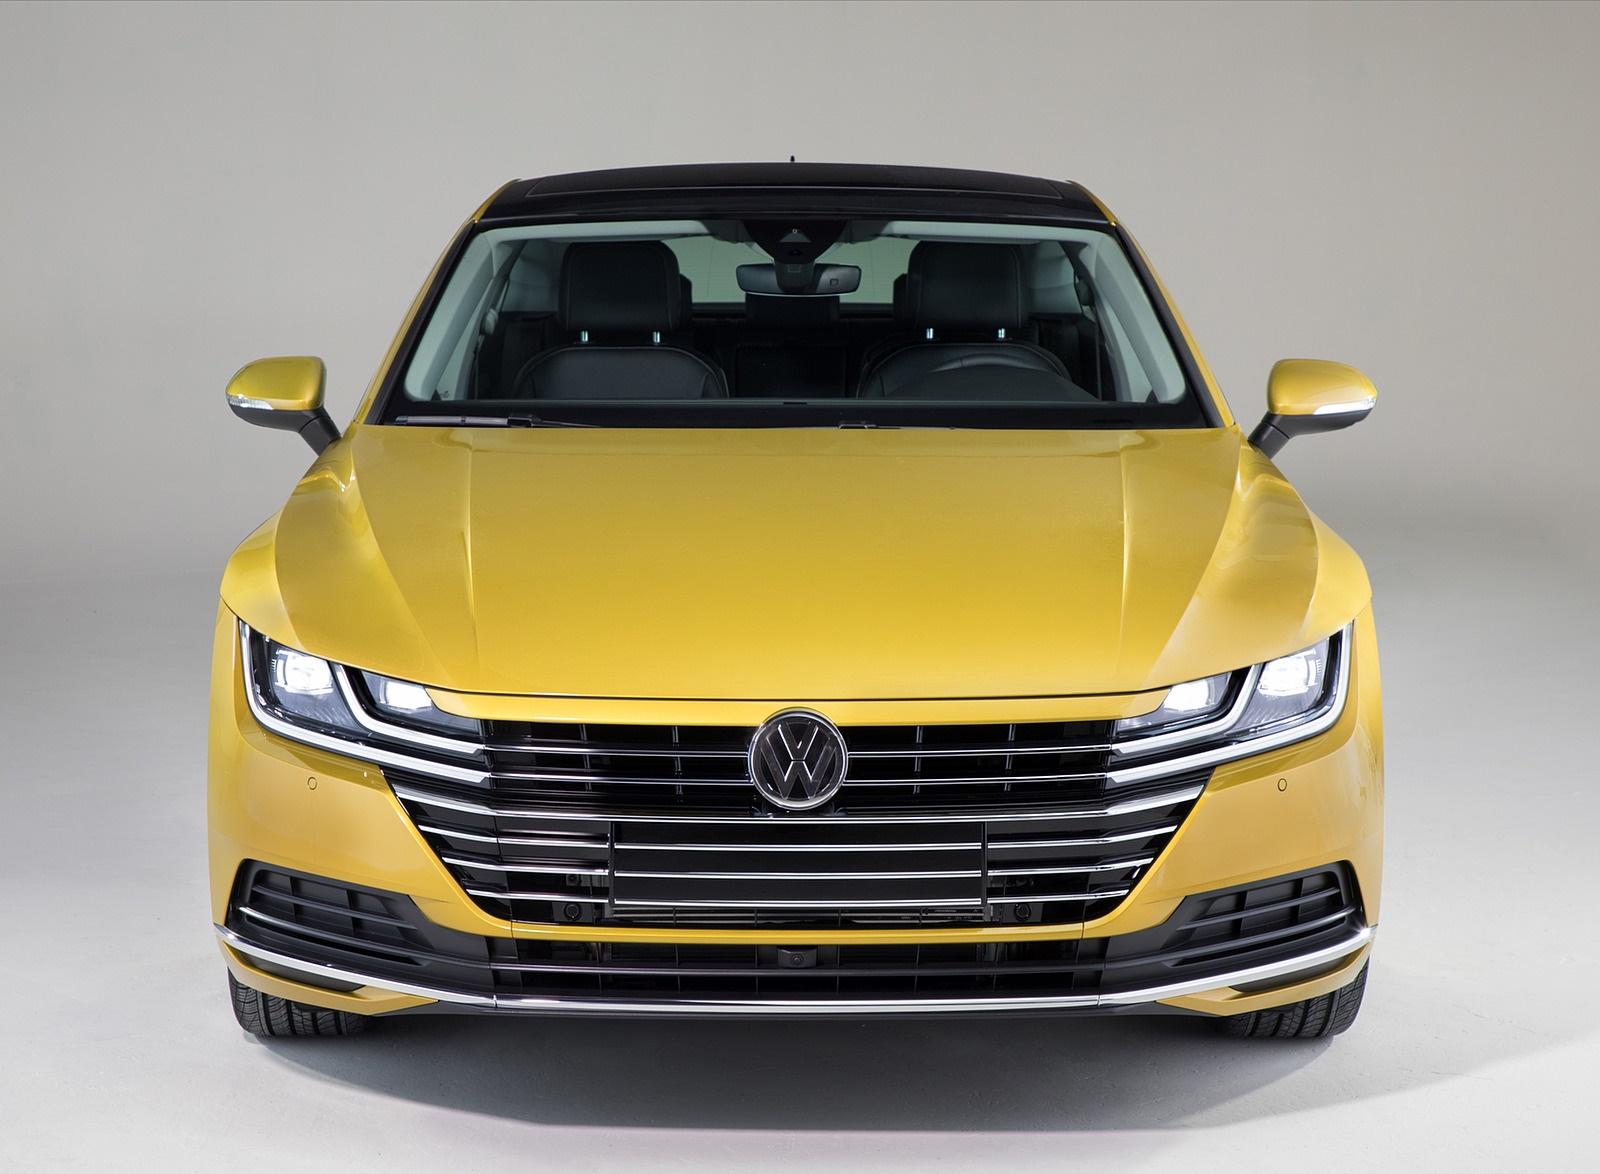 2019 Volkswagen Arteon (US-Spec) Front Wallpaper (12)